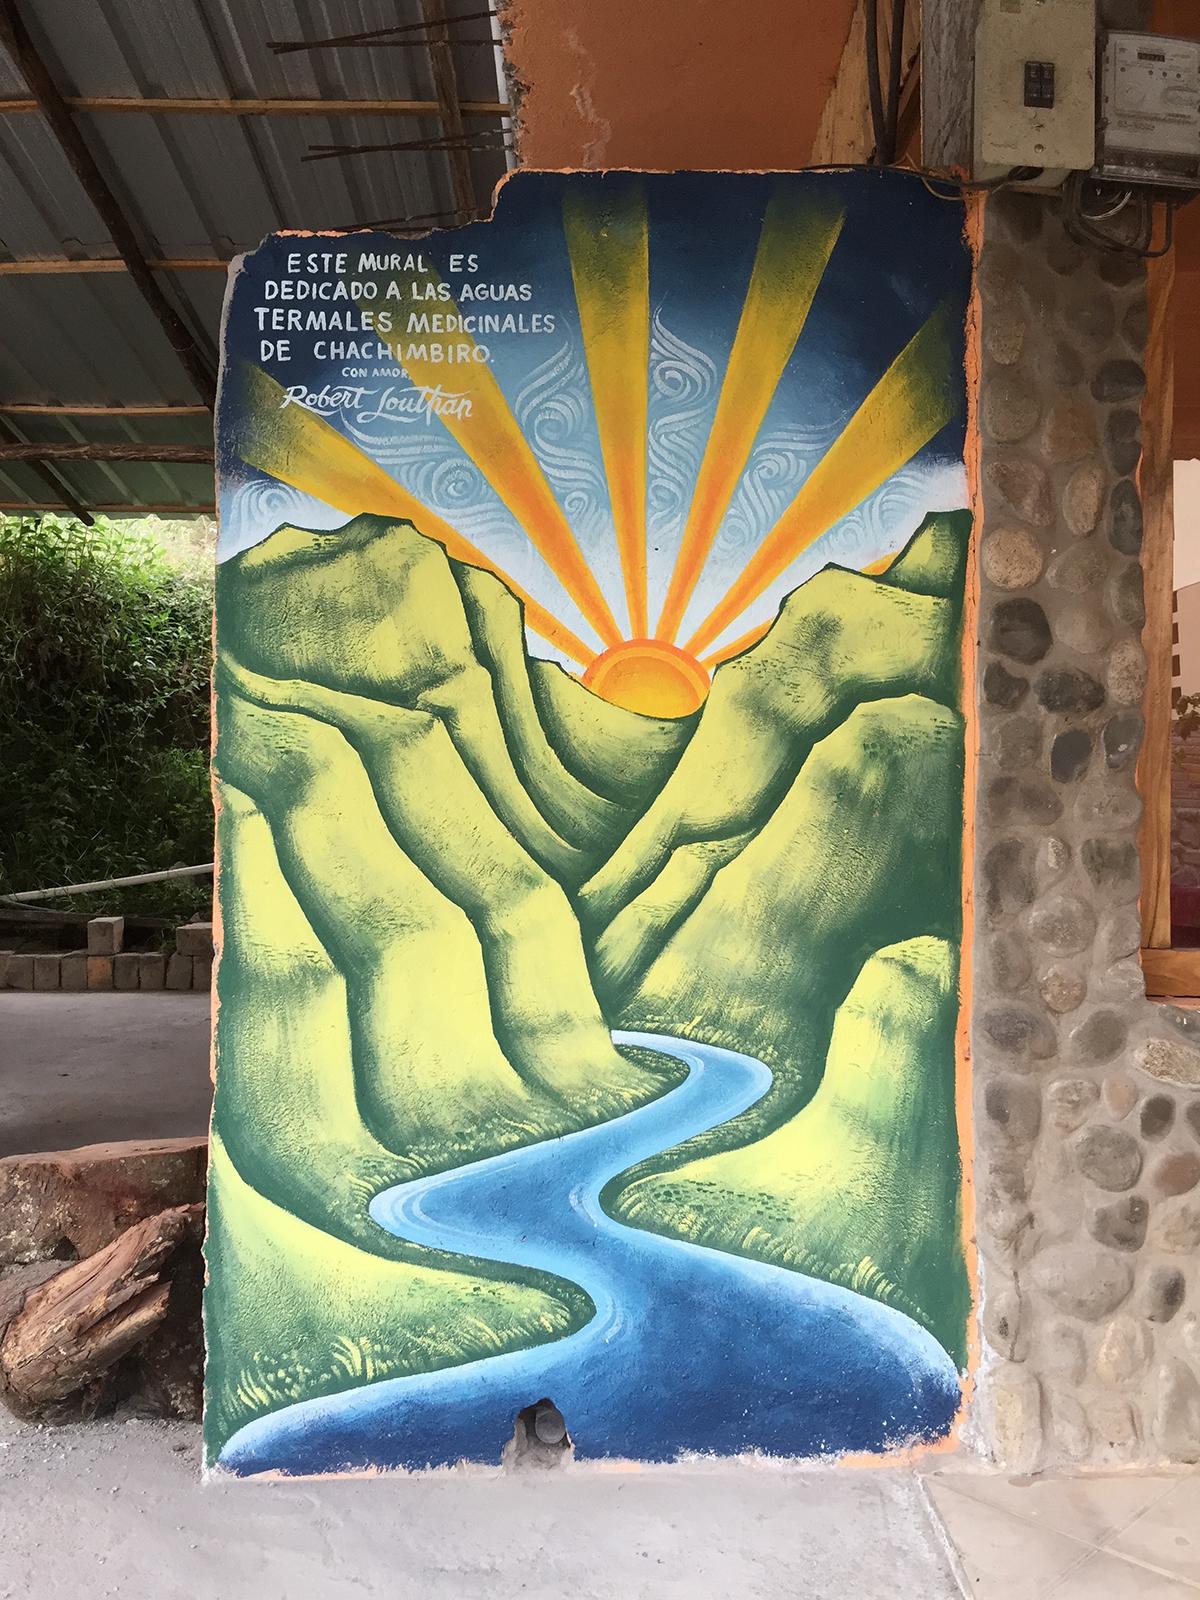 murals_chachimbiro3.jpg